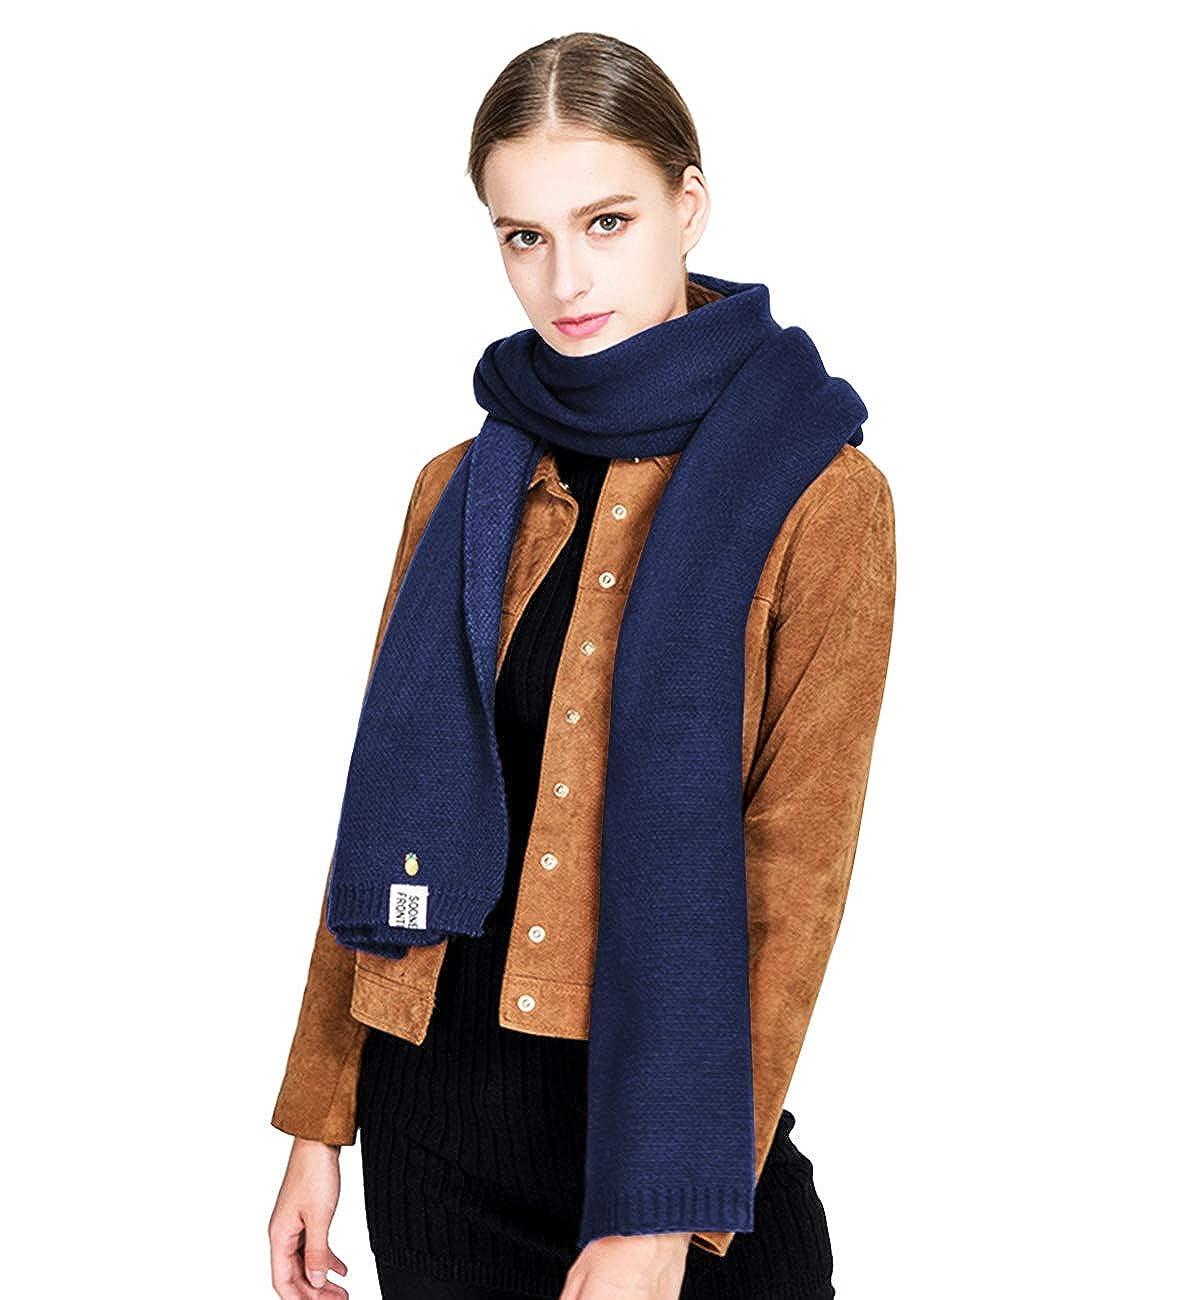 Alleza Bufanda de Punto Fular de Lana para Mujer de Invierno Caliente Largo Estilo de Doble Caras 220 * 50cm